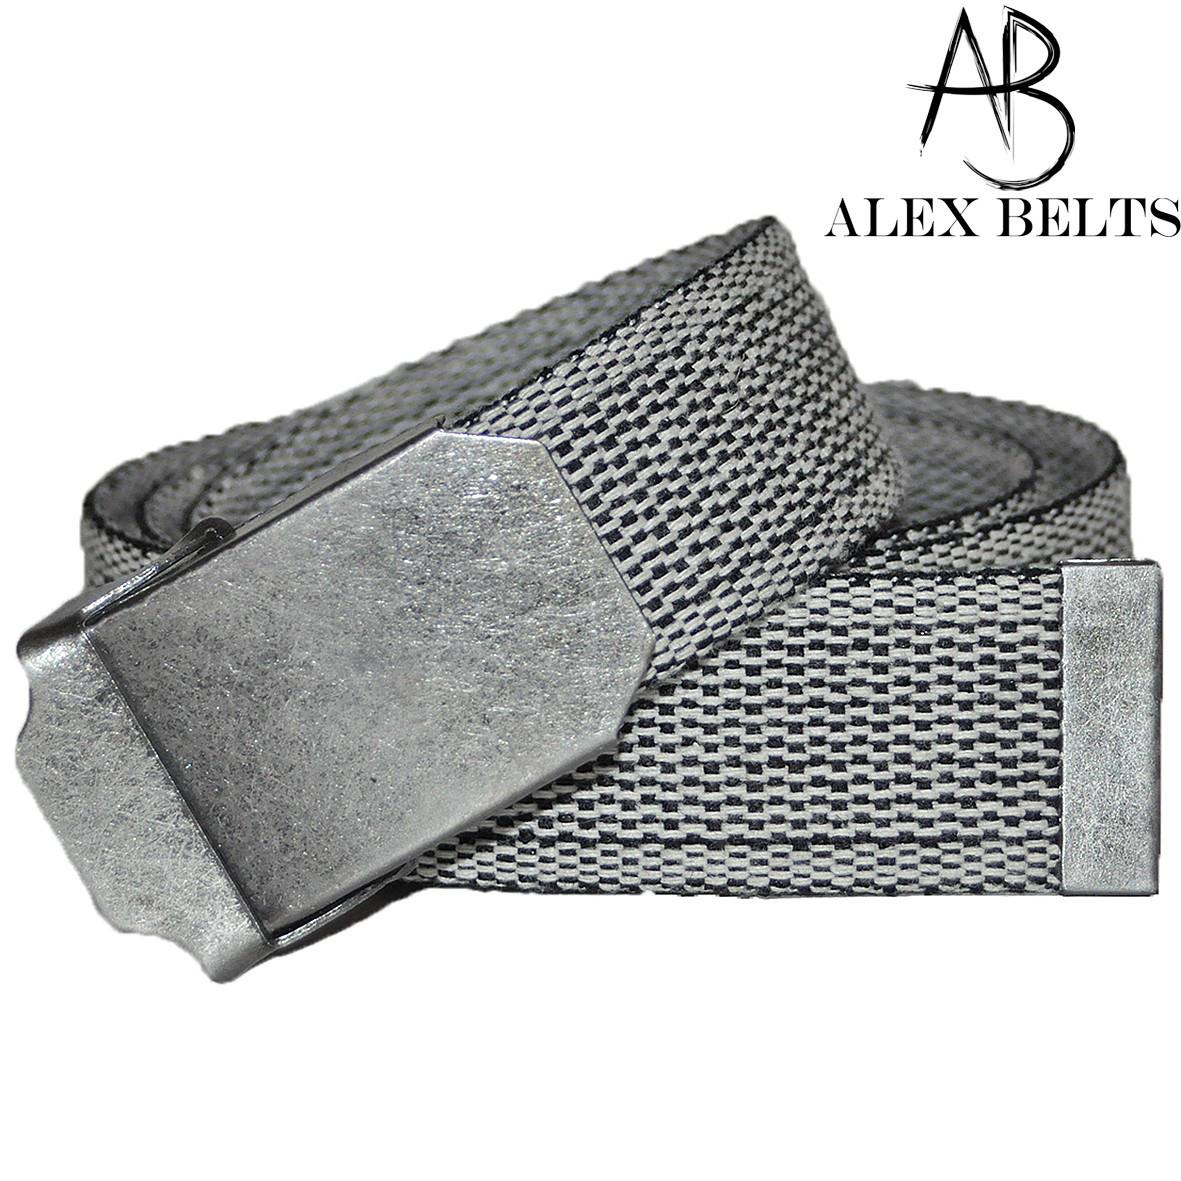 Ремень мужской джинсовый тканевый (светло-серый) 40 мм-купить оптом в Одессе